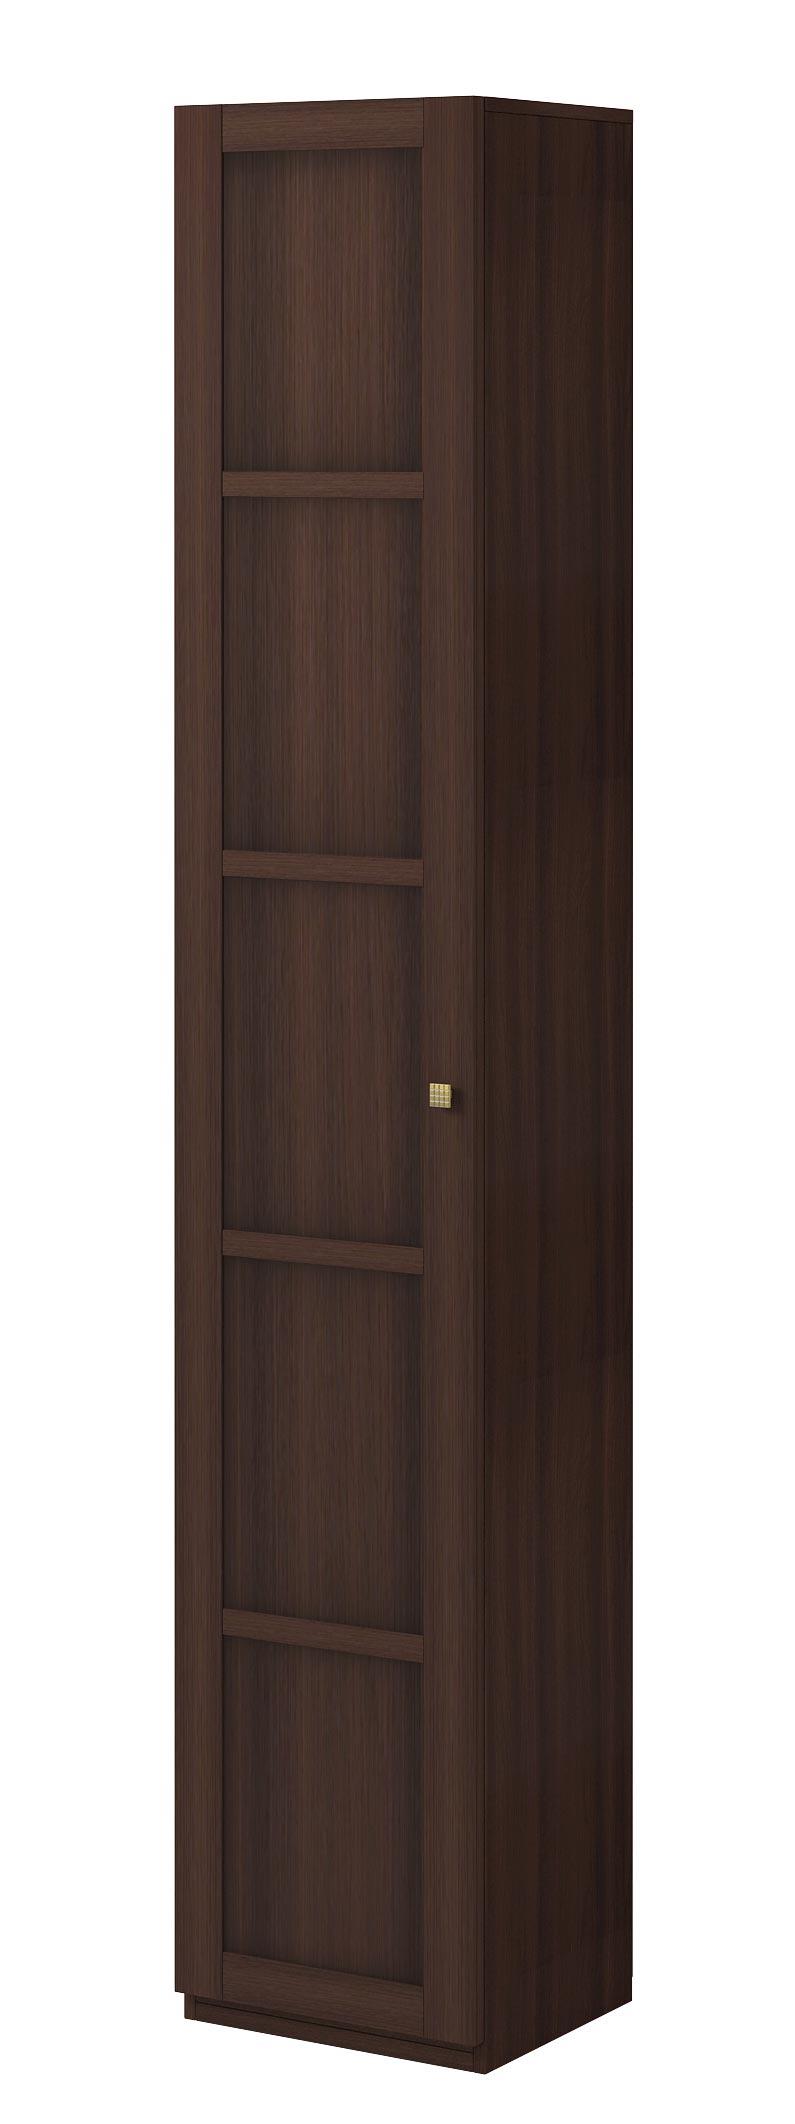 Шкаф для белья Ижмебель Скандинавия, арт. 13